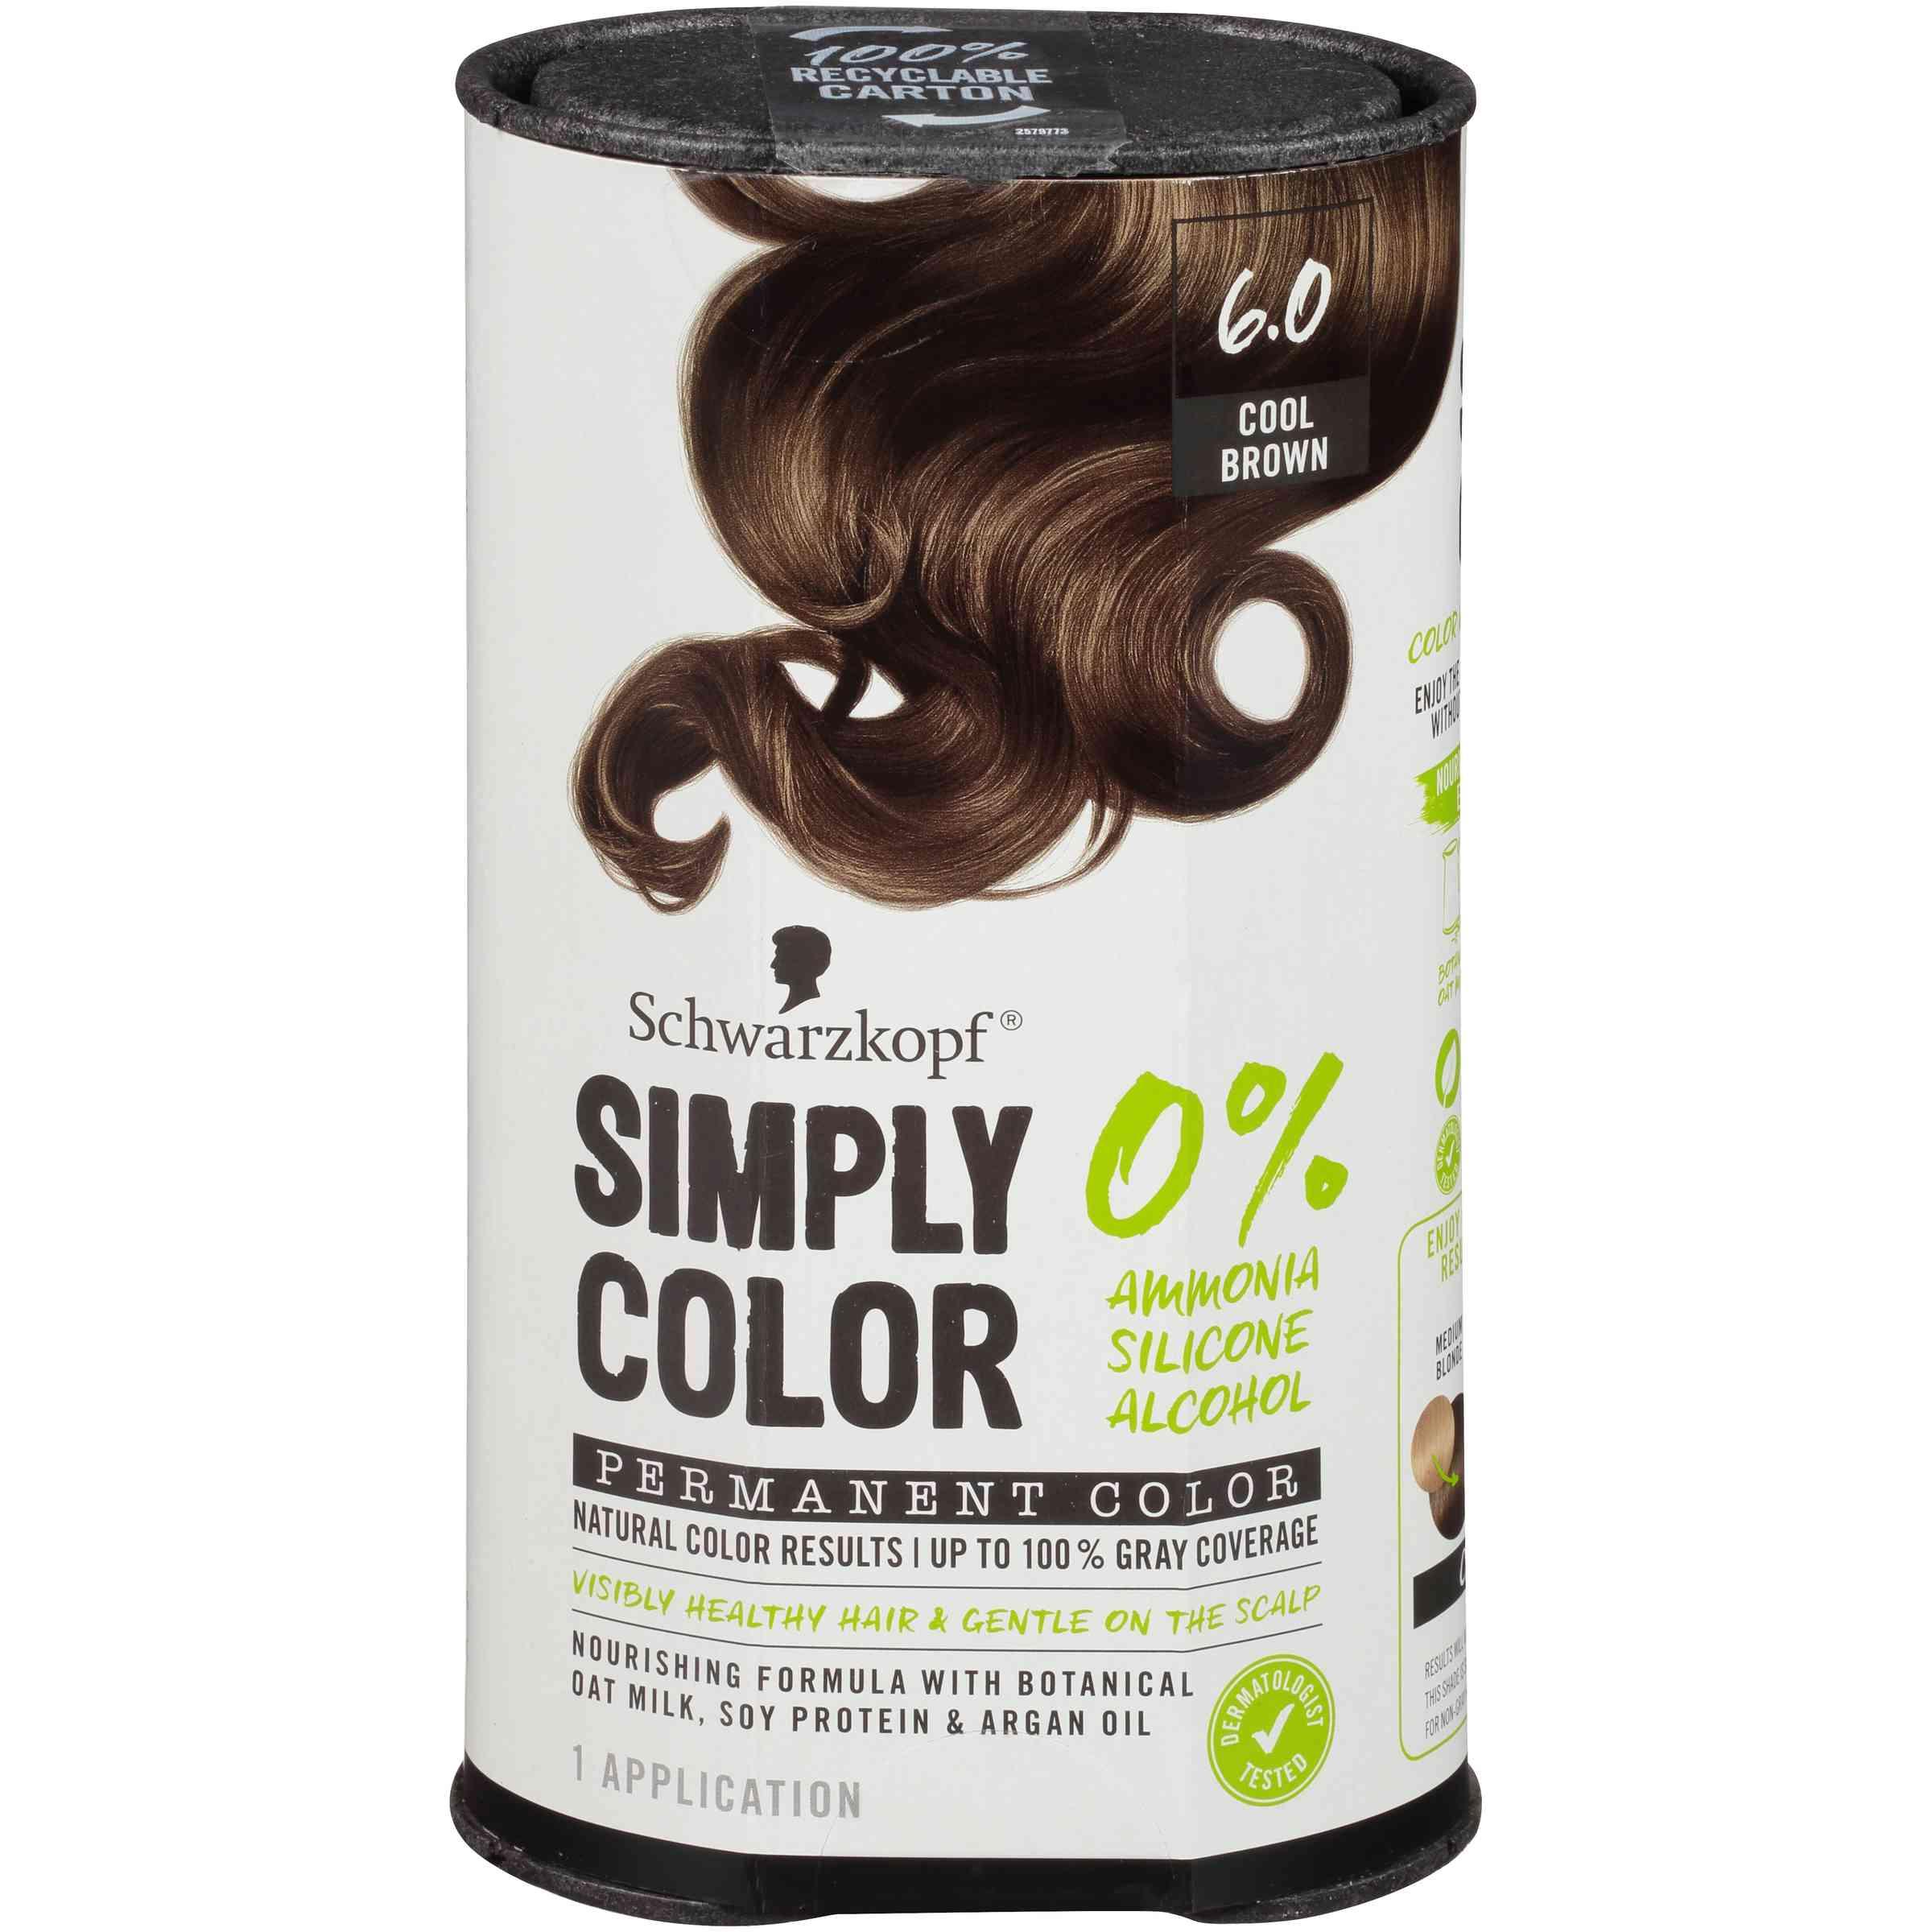 Schwarzkopf Simply Color Permanent Color